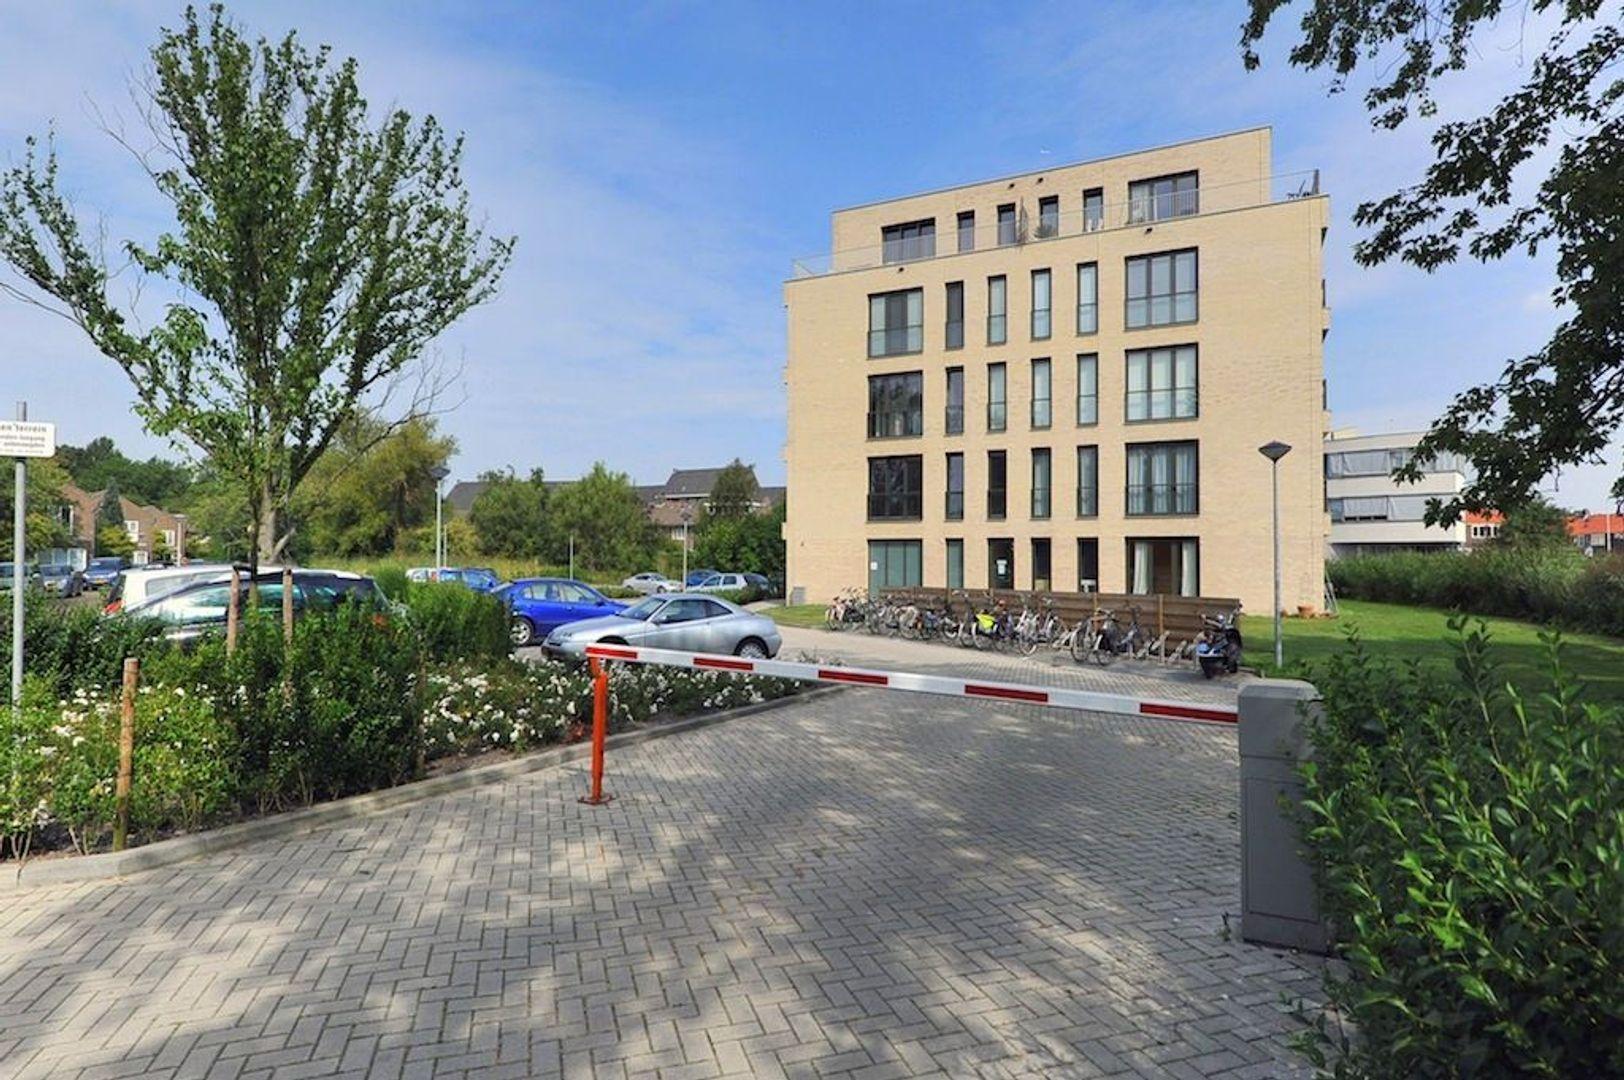 Charlotte de Bourbonstraat 17, Delft foto-1